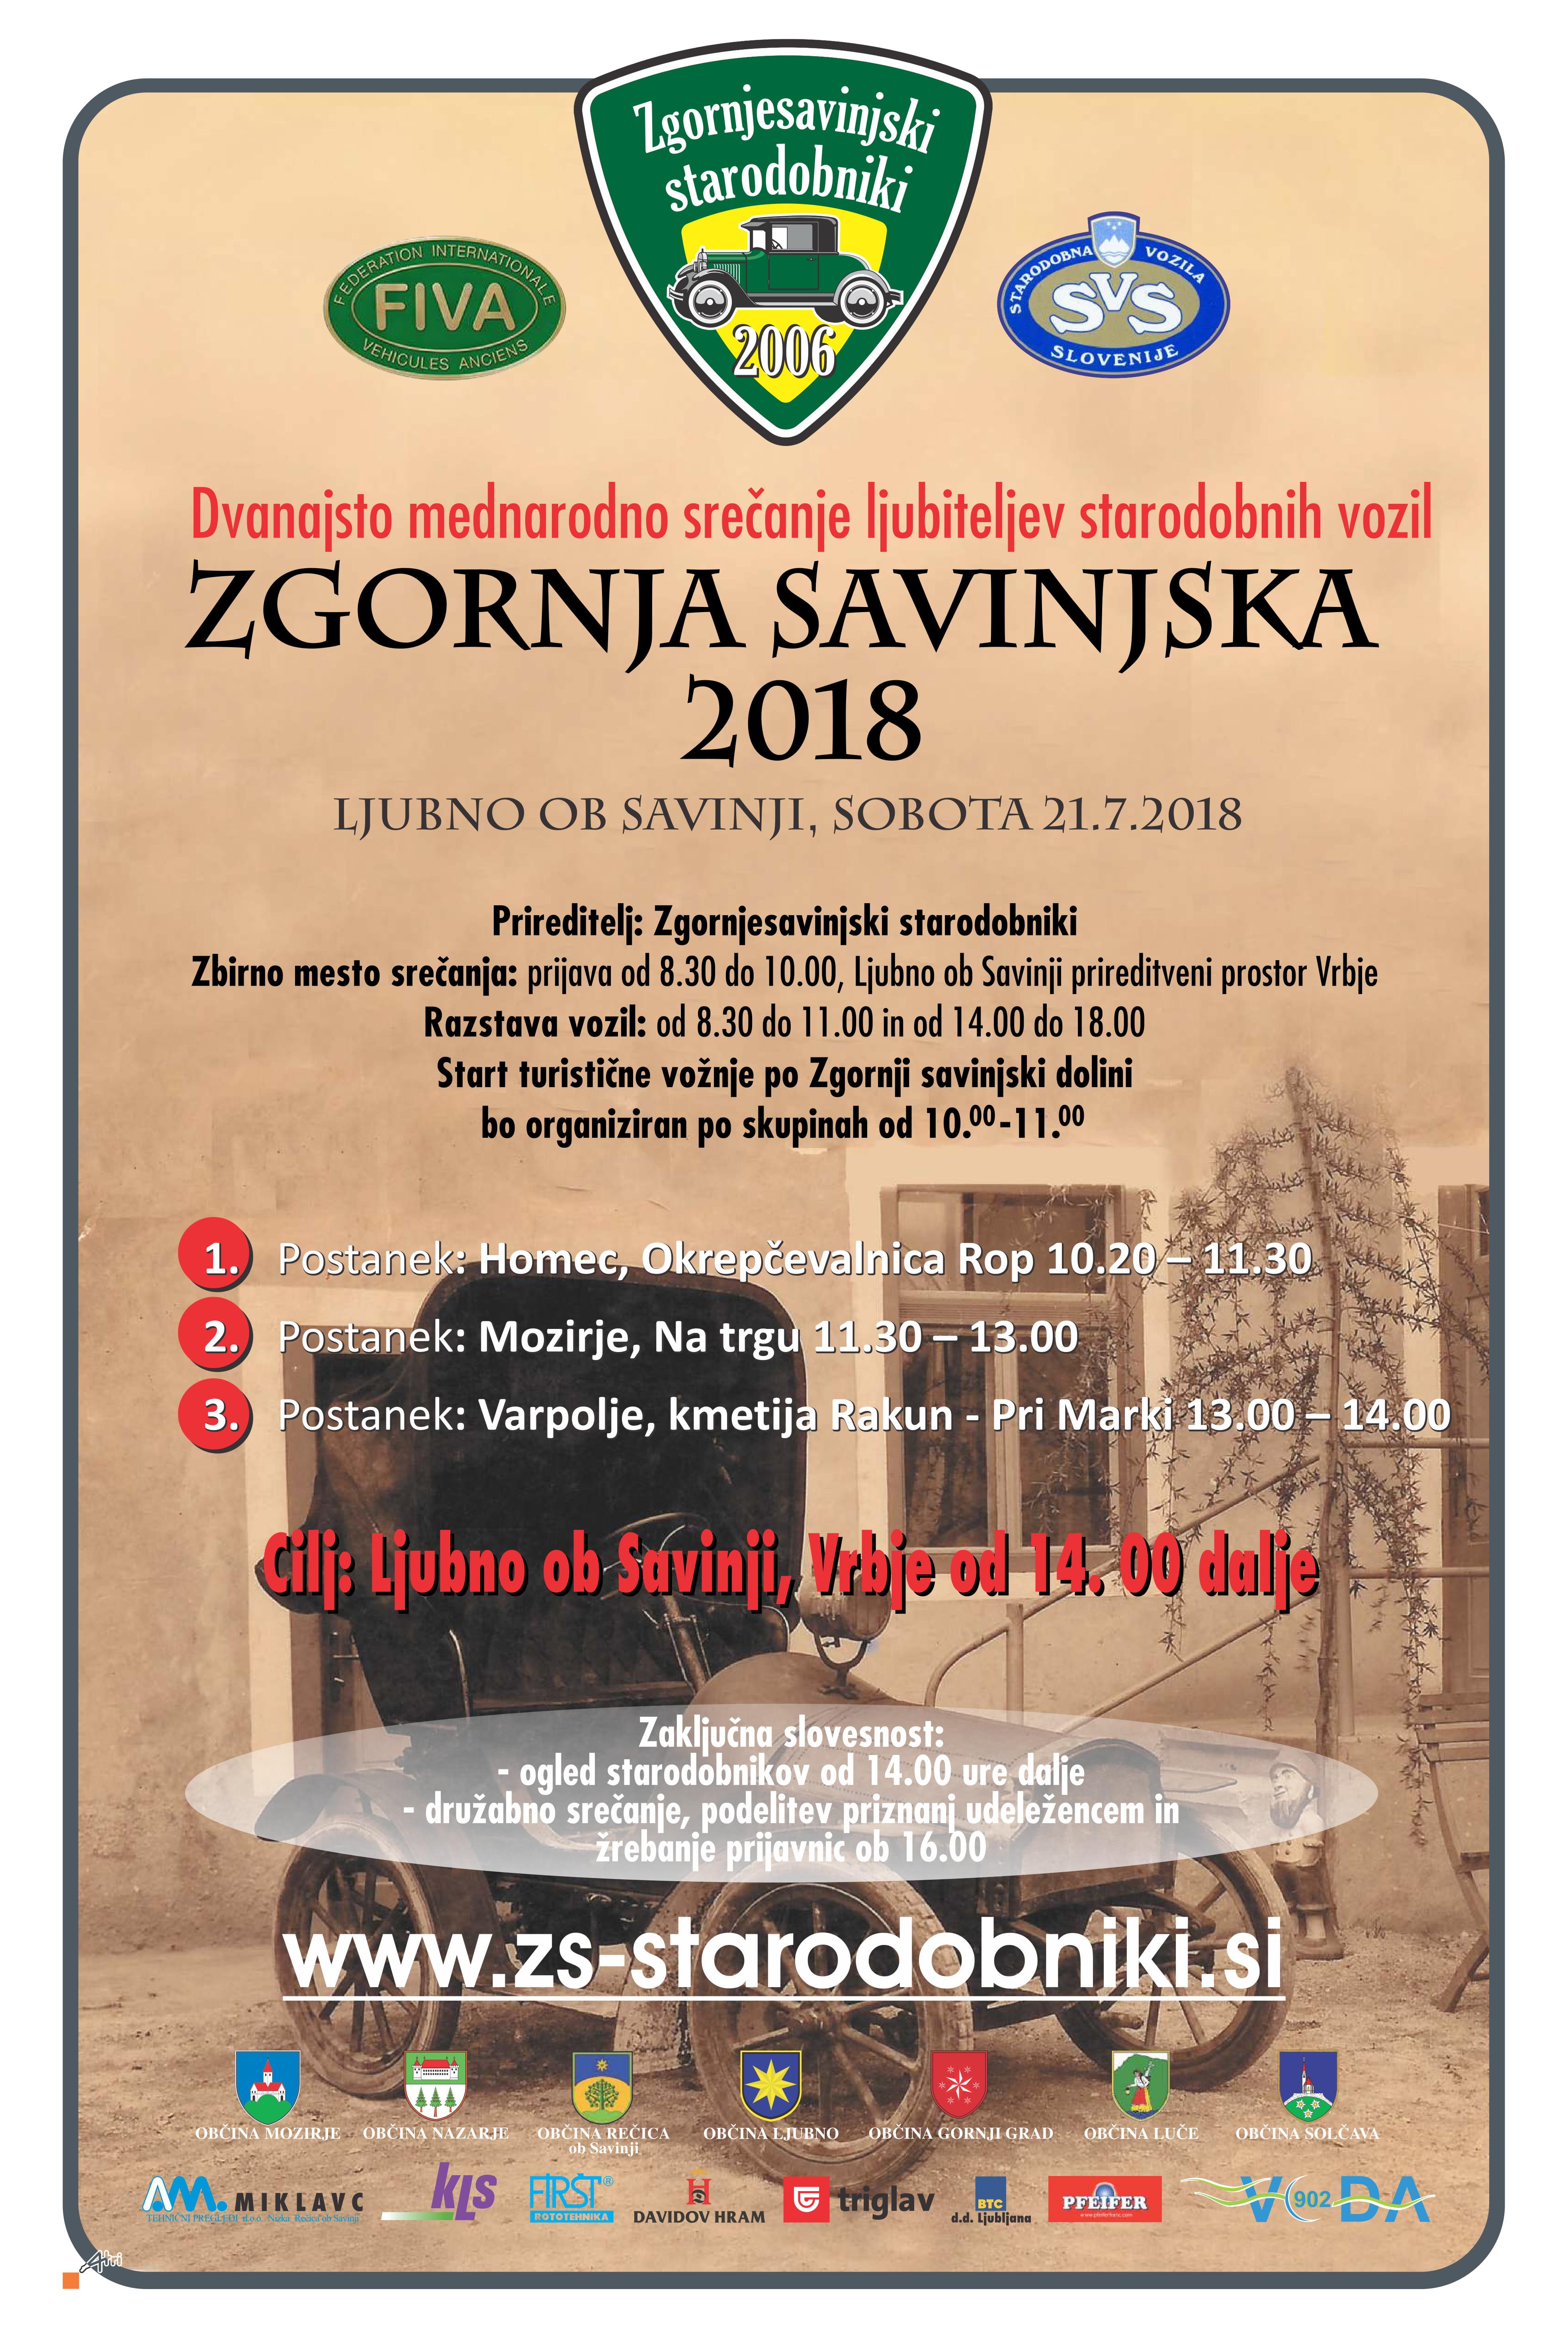 ZGORNJA SAVINJSKA 2018